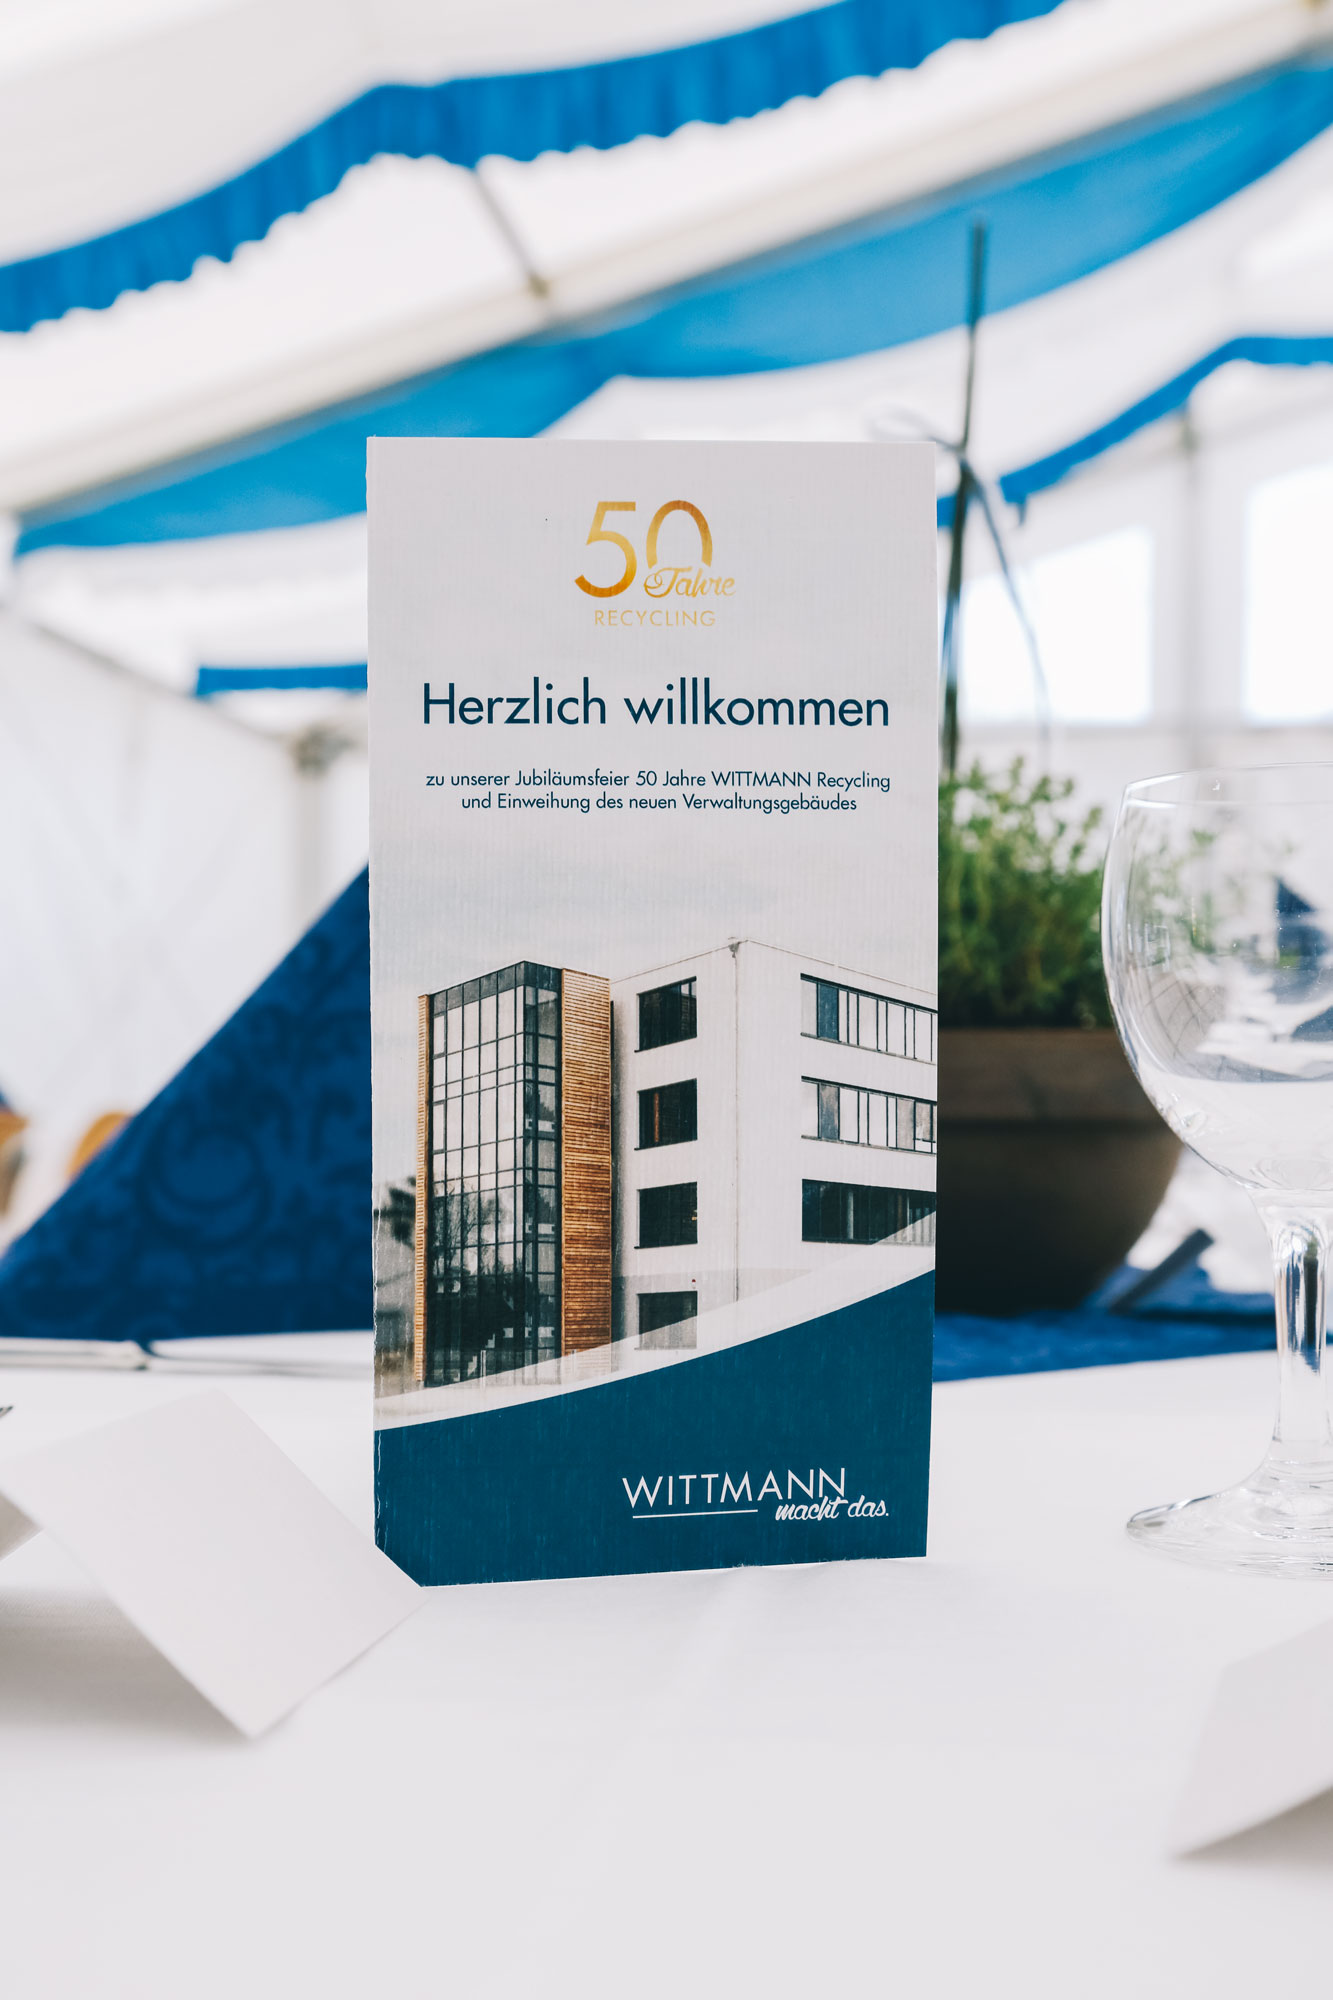 Die 50 Jahre Wittmann Recycling Jubiläumskarte